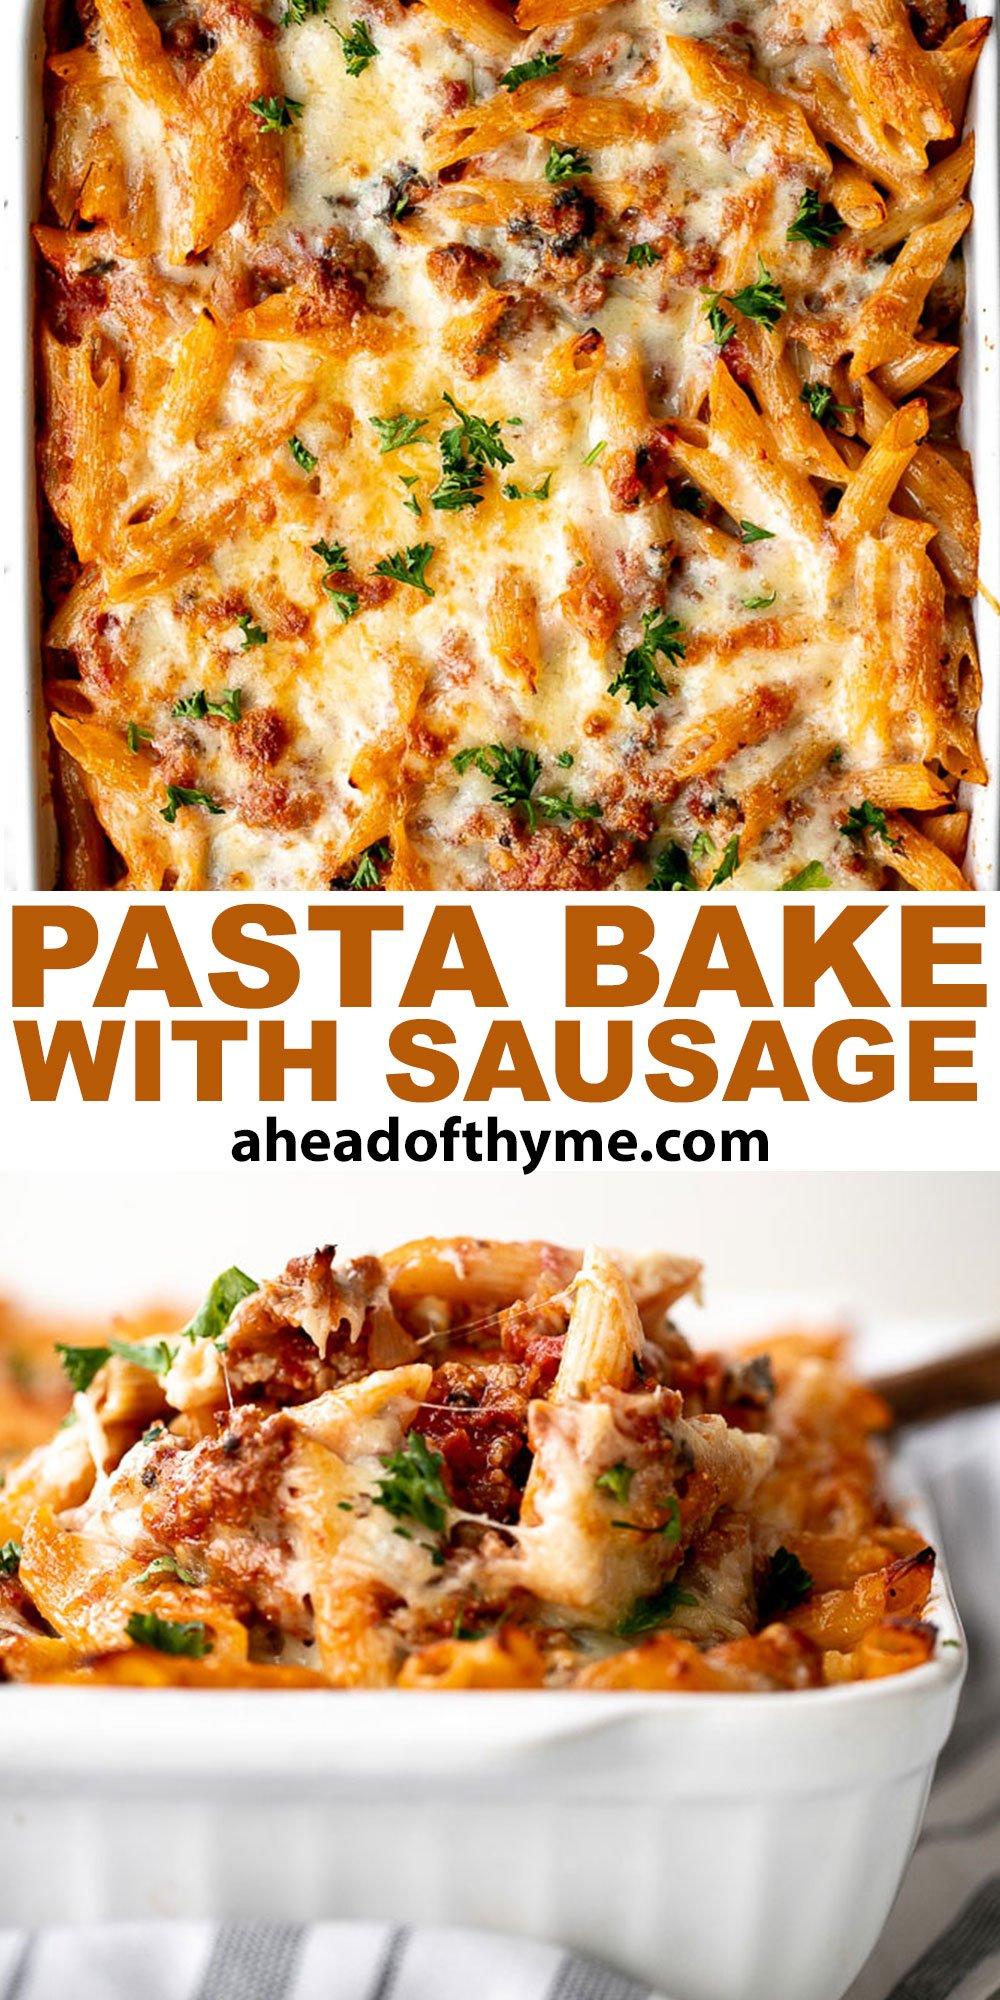 Pasta Bake with Sausage (Baked Ziti)